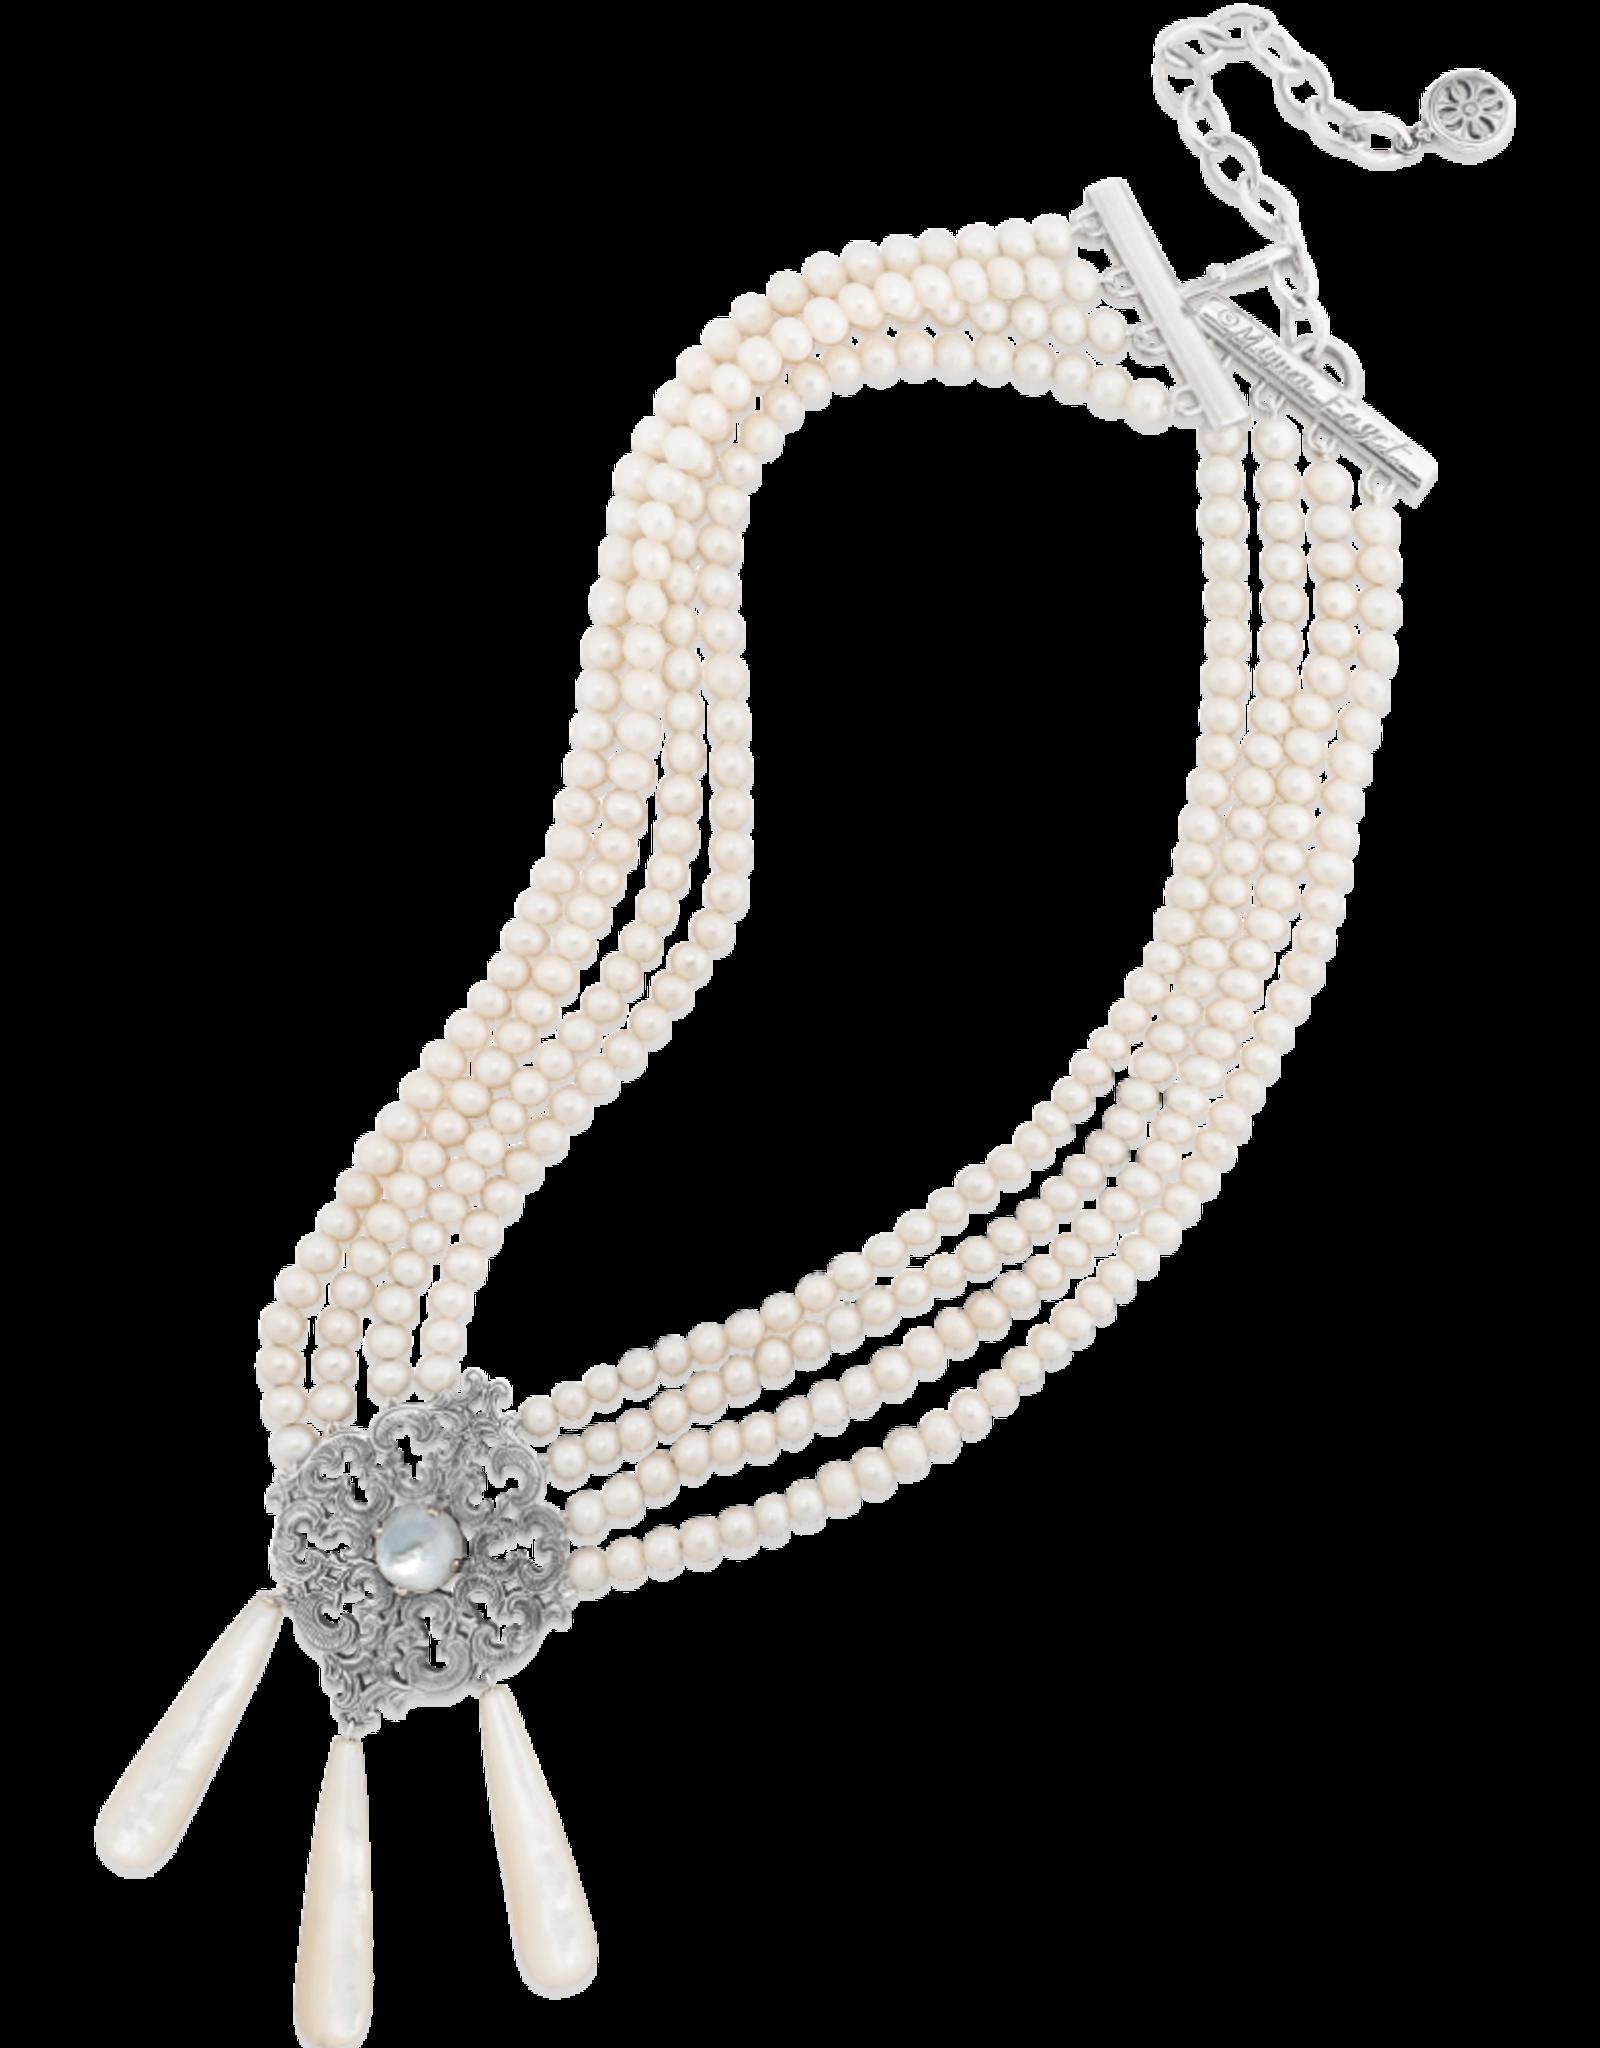 Mignon Faget Mignon Faget Trinity Revival Necklace